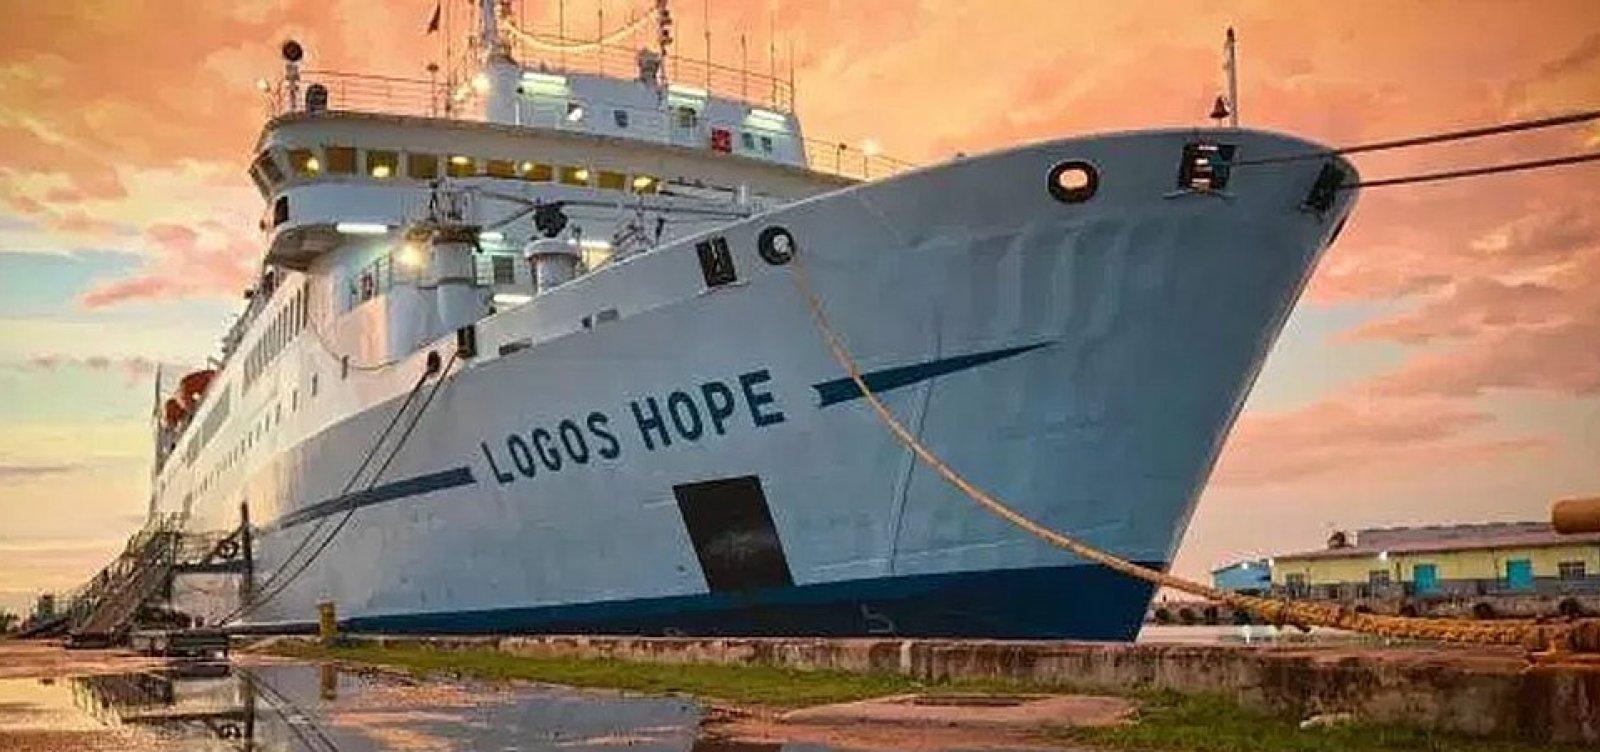 Grupo promete ebó coletivo em frente ao navio Logos Hope na segunda (4)